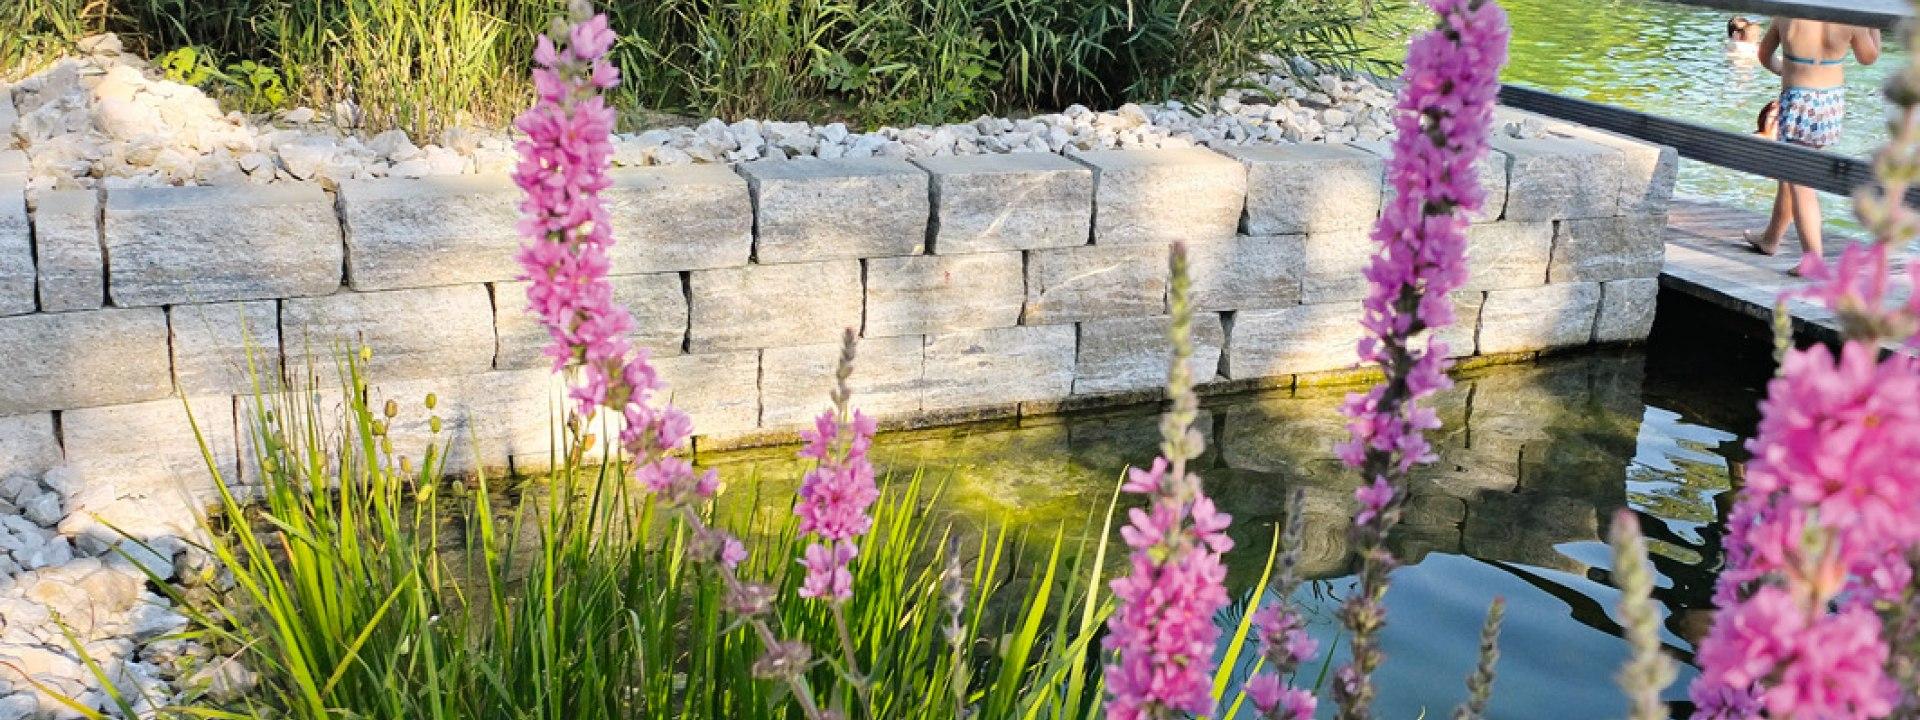 Beige Steinwand mit Graesern und Blumen und Wasser